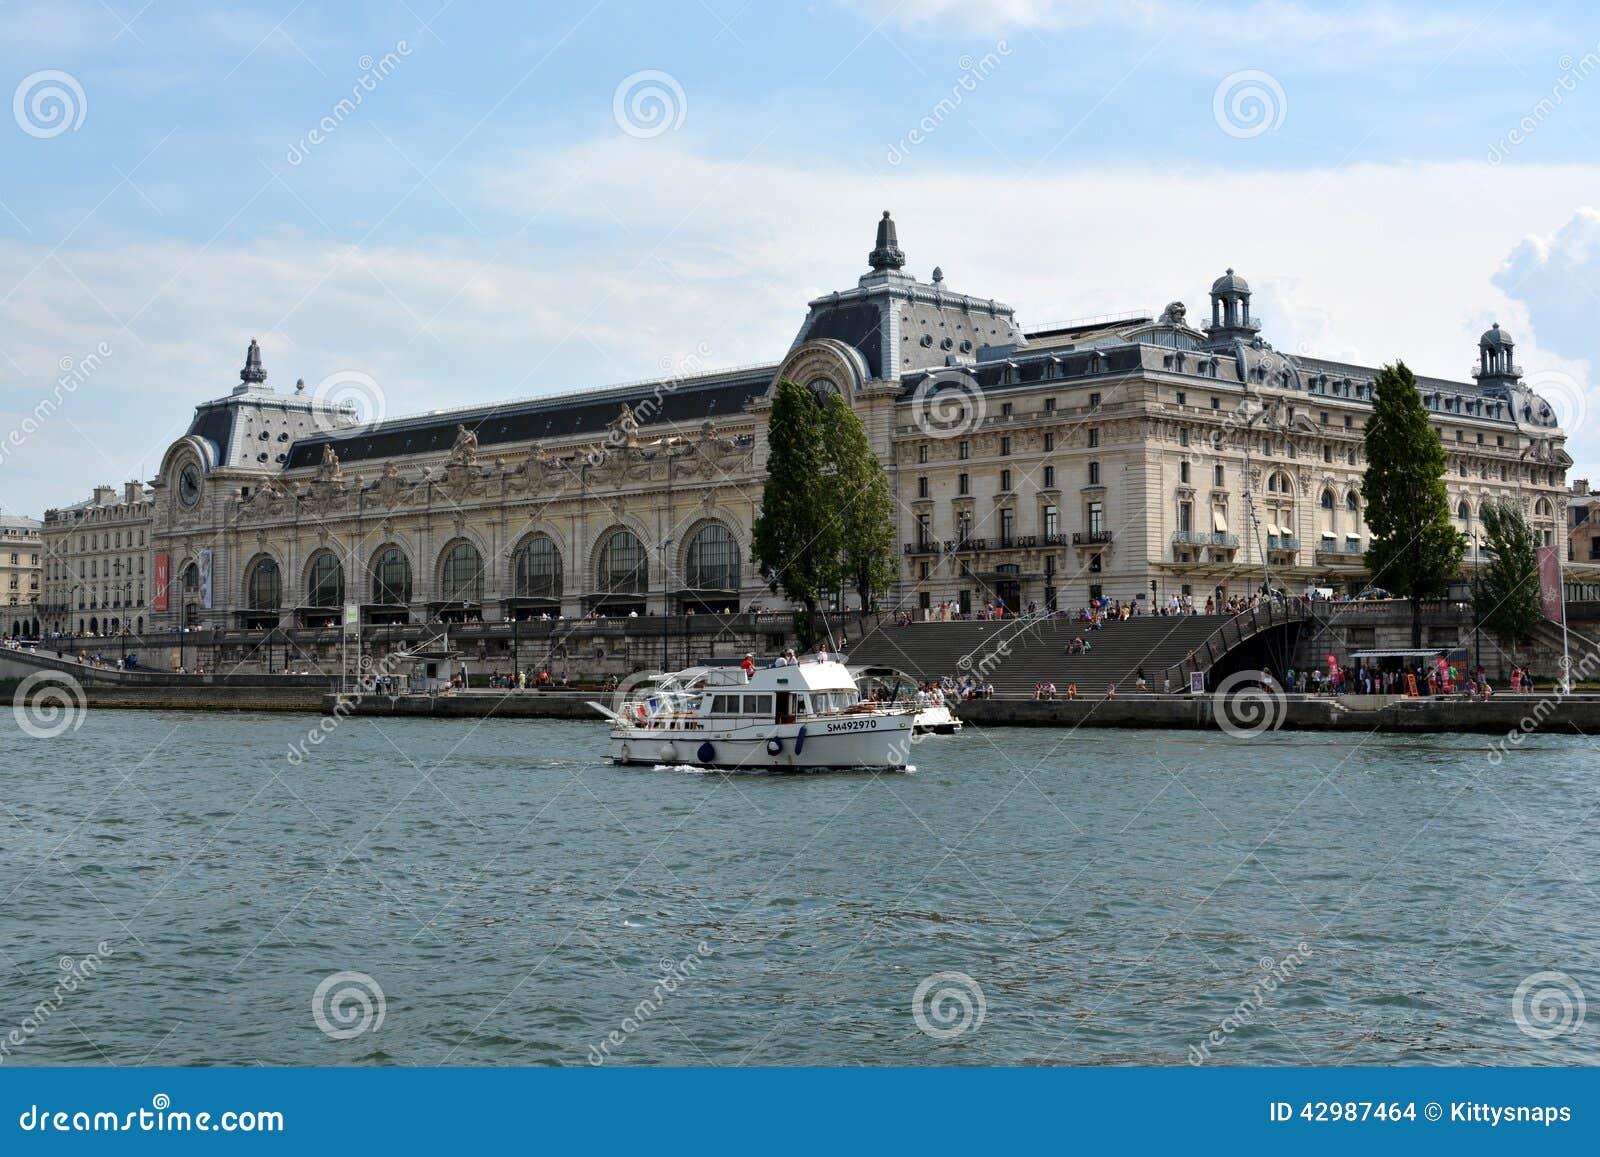 Musee d 39 orsay fiume la senna parigi francia immagine for E mobilia paris